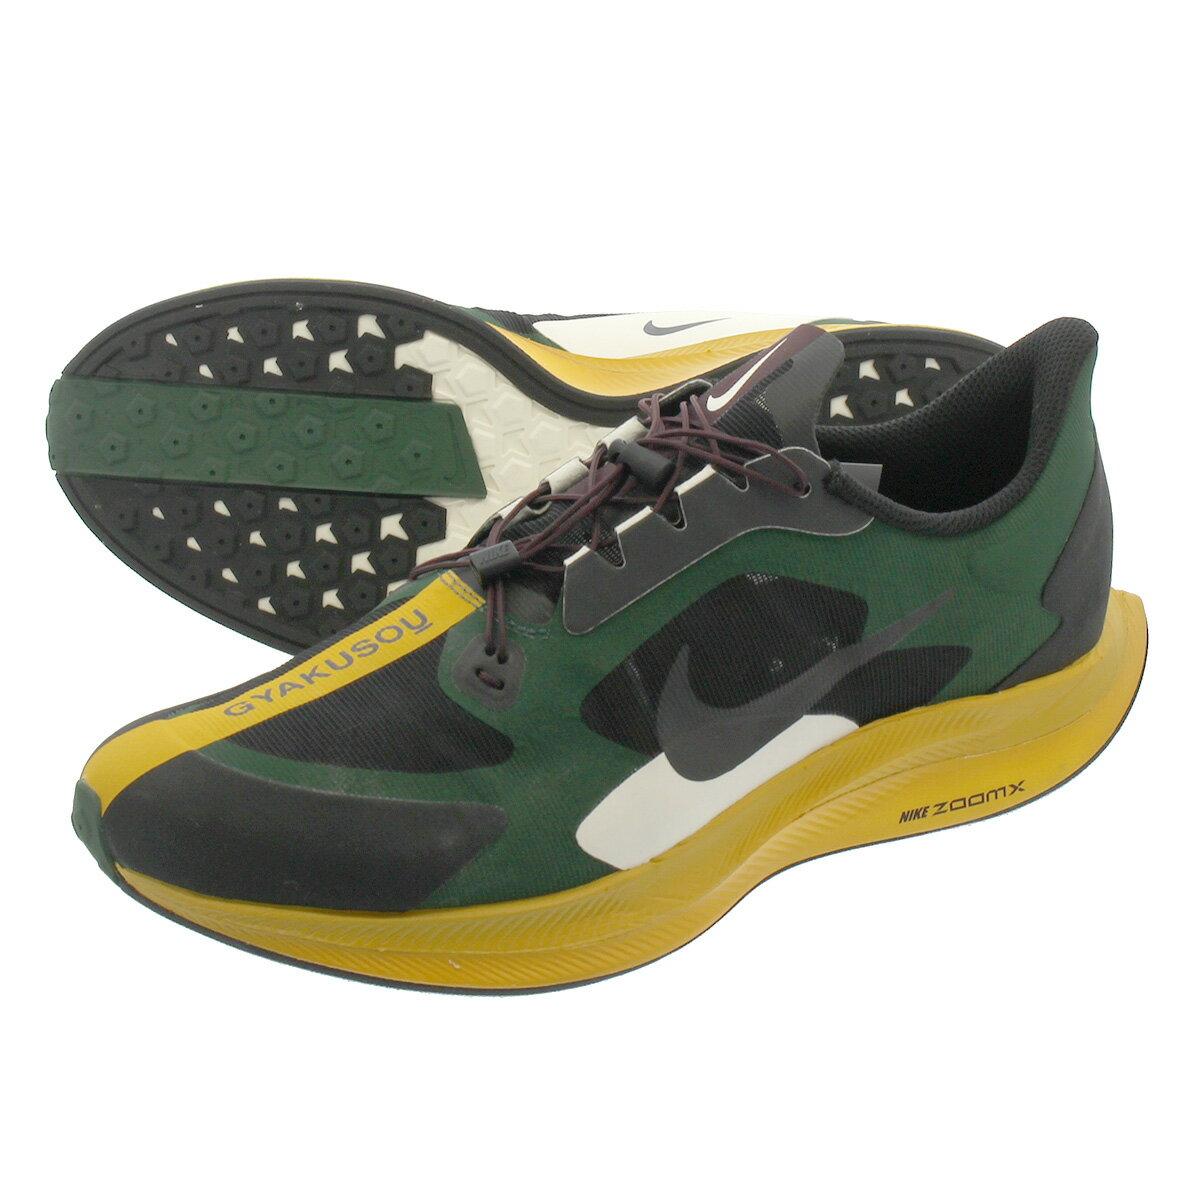 メンズ靴, スニーカー NIKE ZOOM PEGASUS 35 TURBO GYAKUSOU 35 FIRBLACKGOLD DART bq0579-300